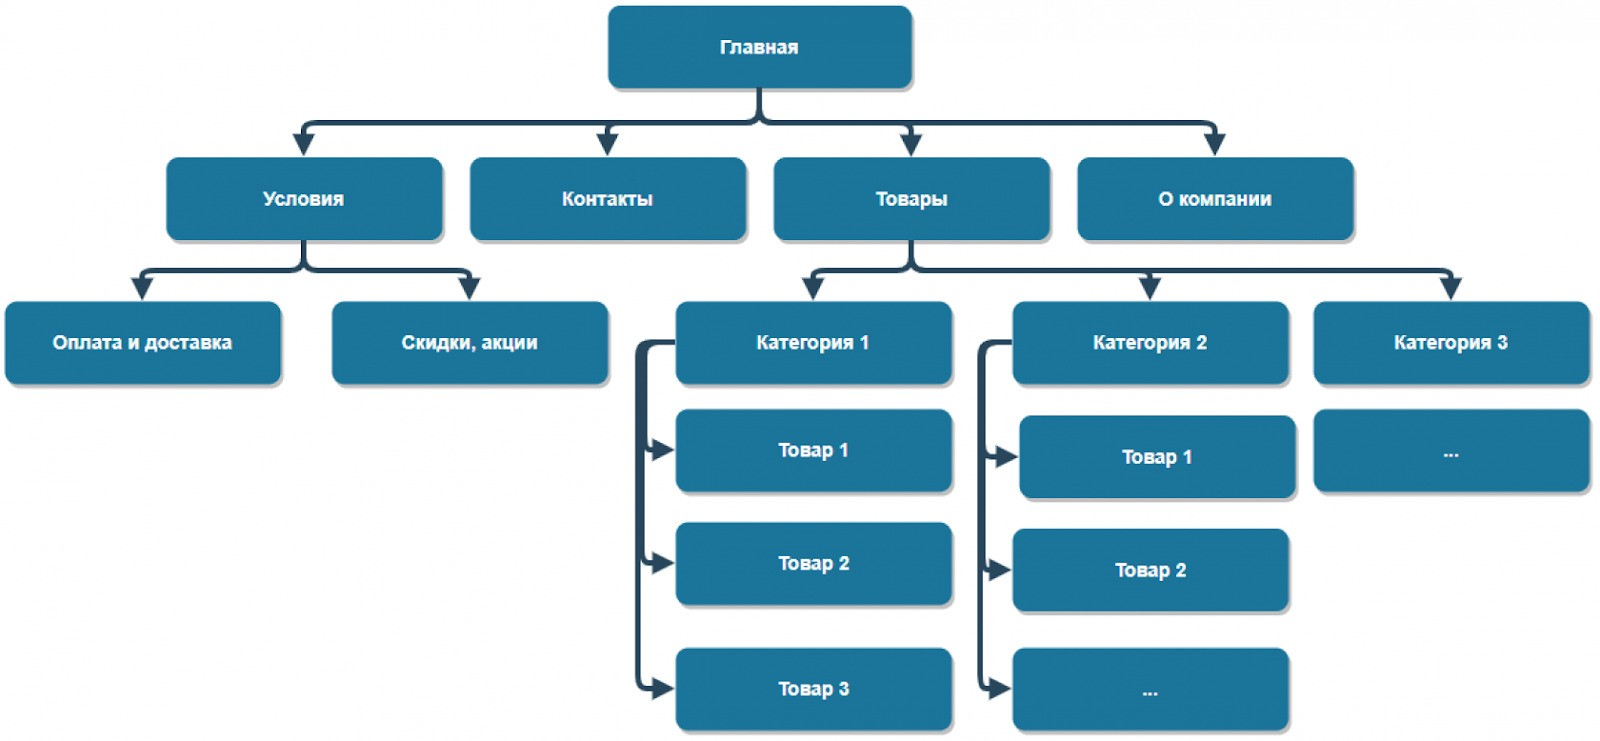 Структура сайта компании поставляющей расходные материалы